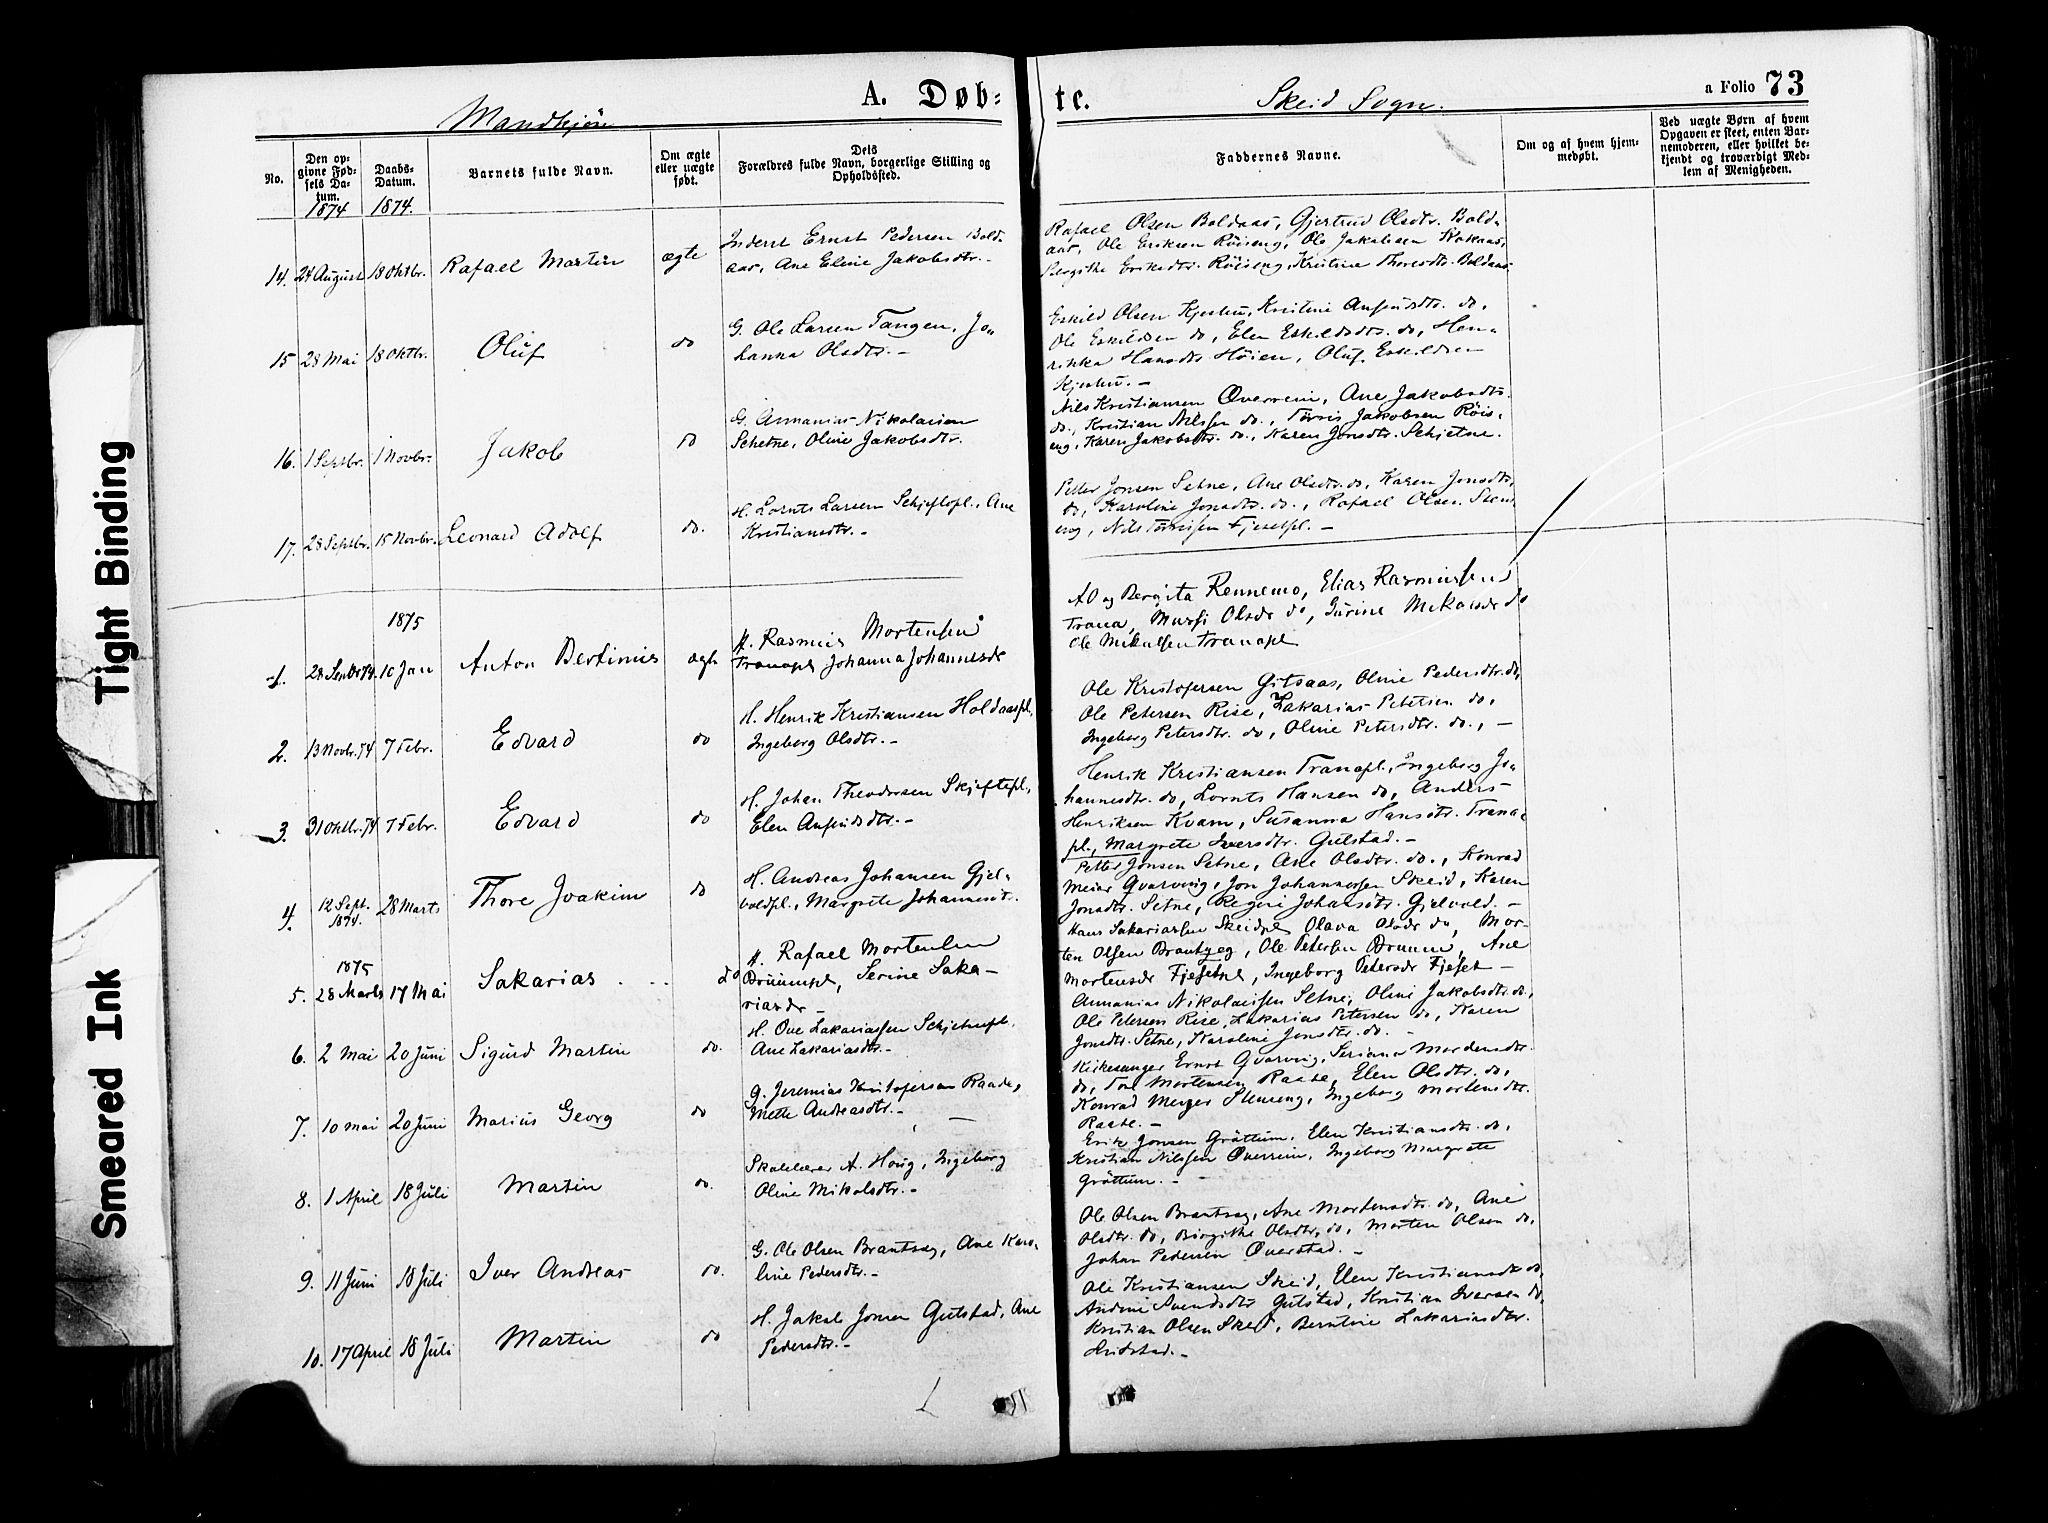 SAT, Ministerialprotokoller, klokkerbøker og fødselsregistre - Nord-Trøndelag, 735/L0348: Ministerialbok nr. 735A09 /2, 1873-1883, s. 73